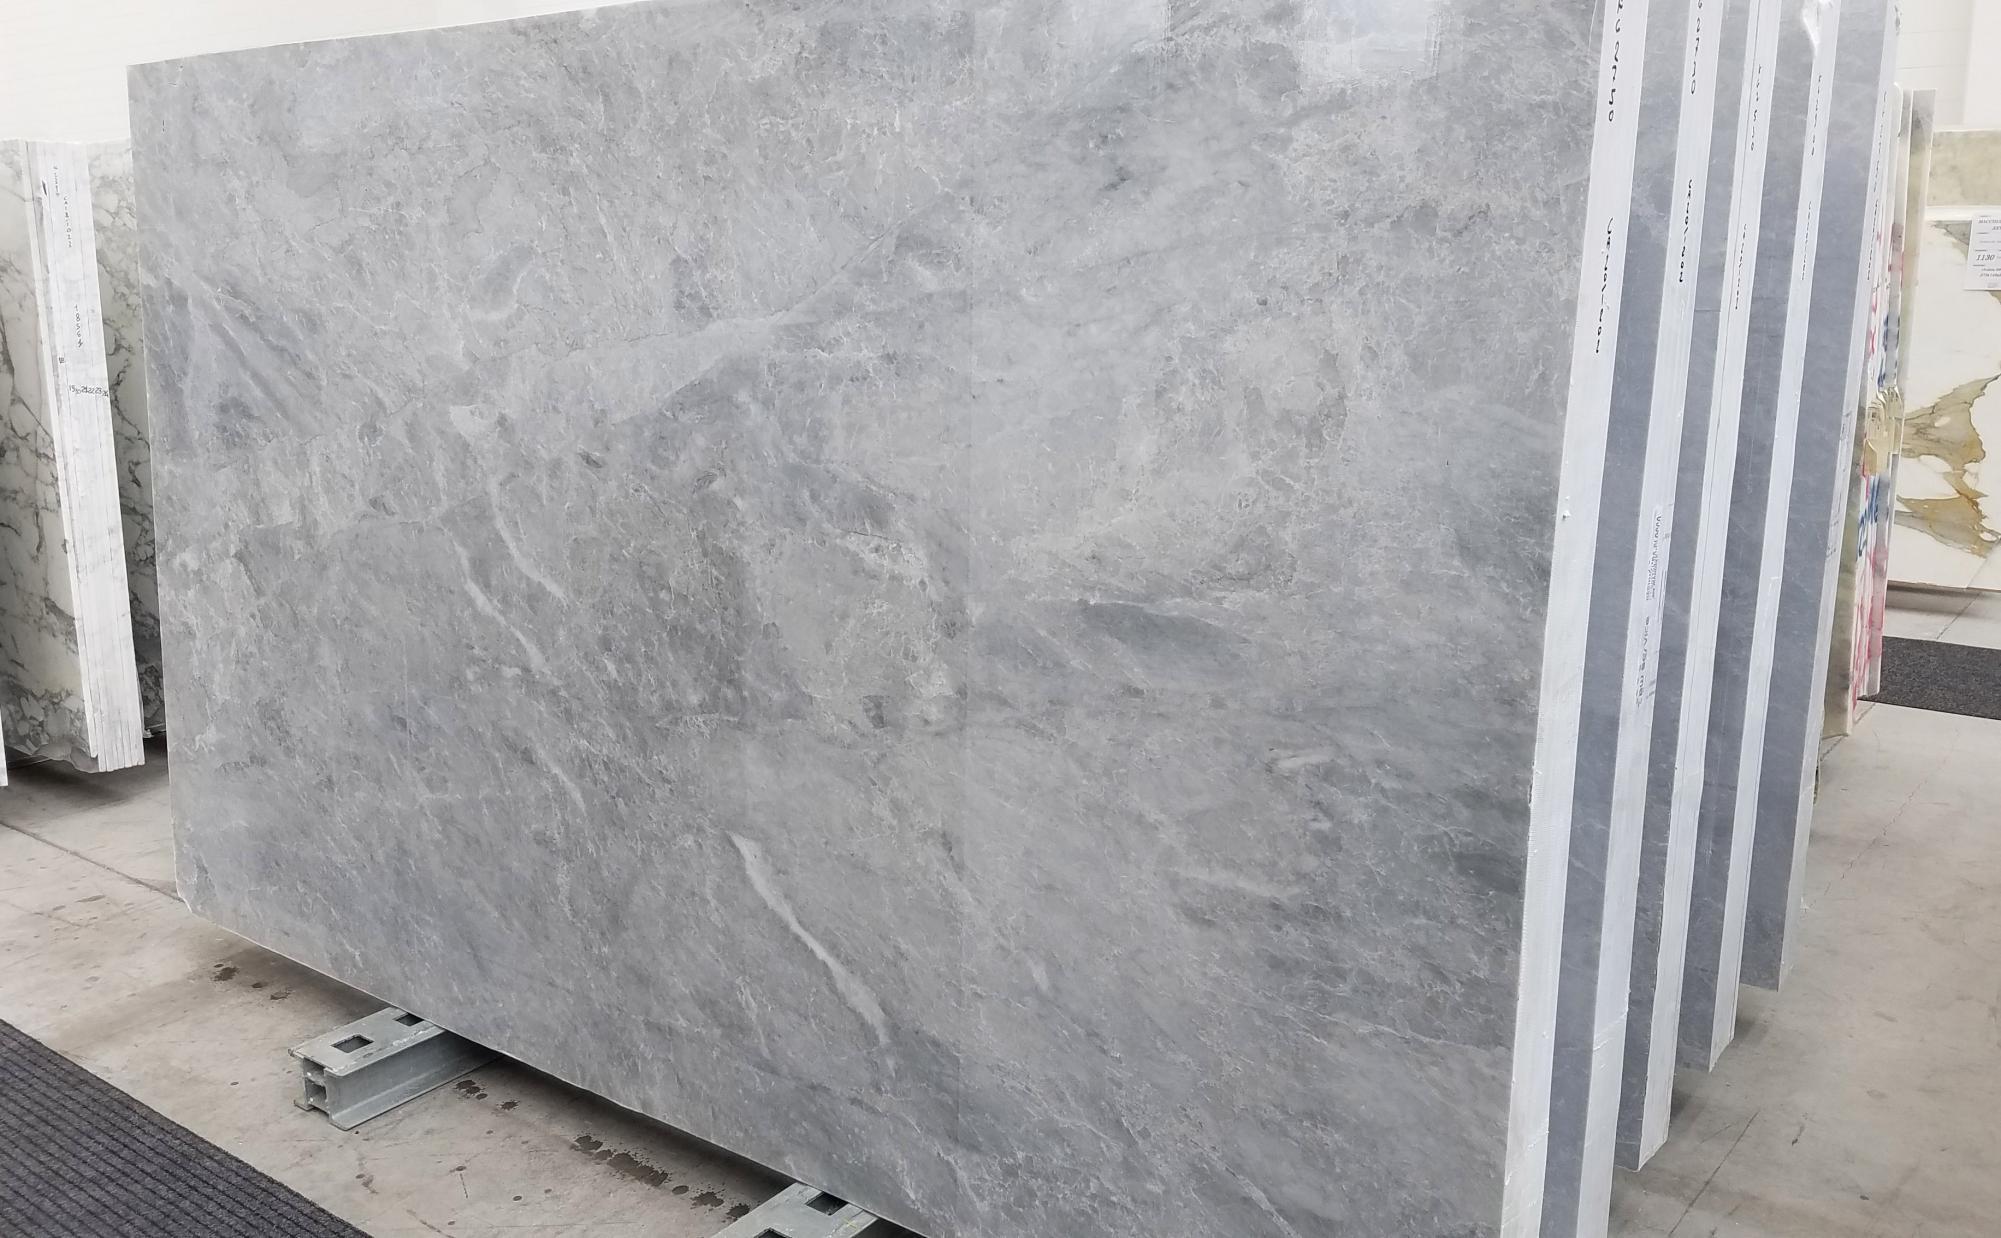 TRAMBISERA Suministro Veneto (Italia) de planchas pulidas en mármol natural 1202 , Slab 08